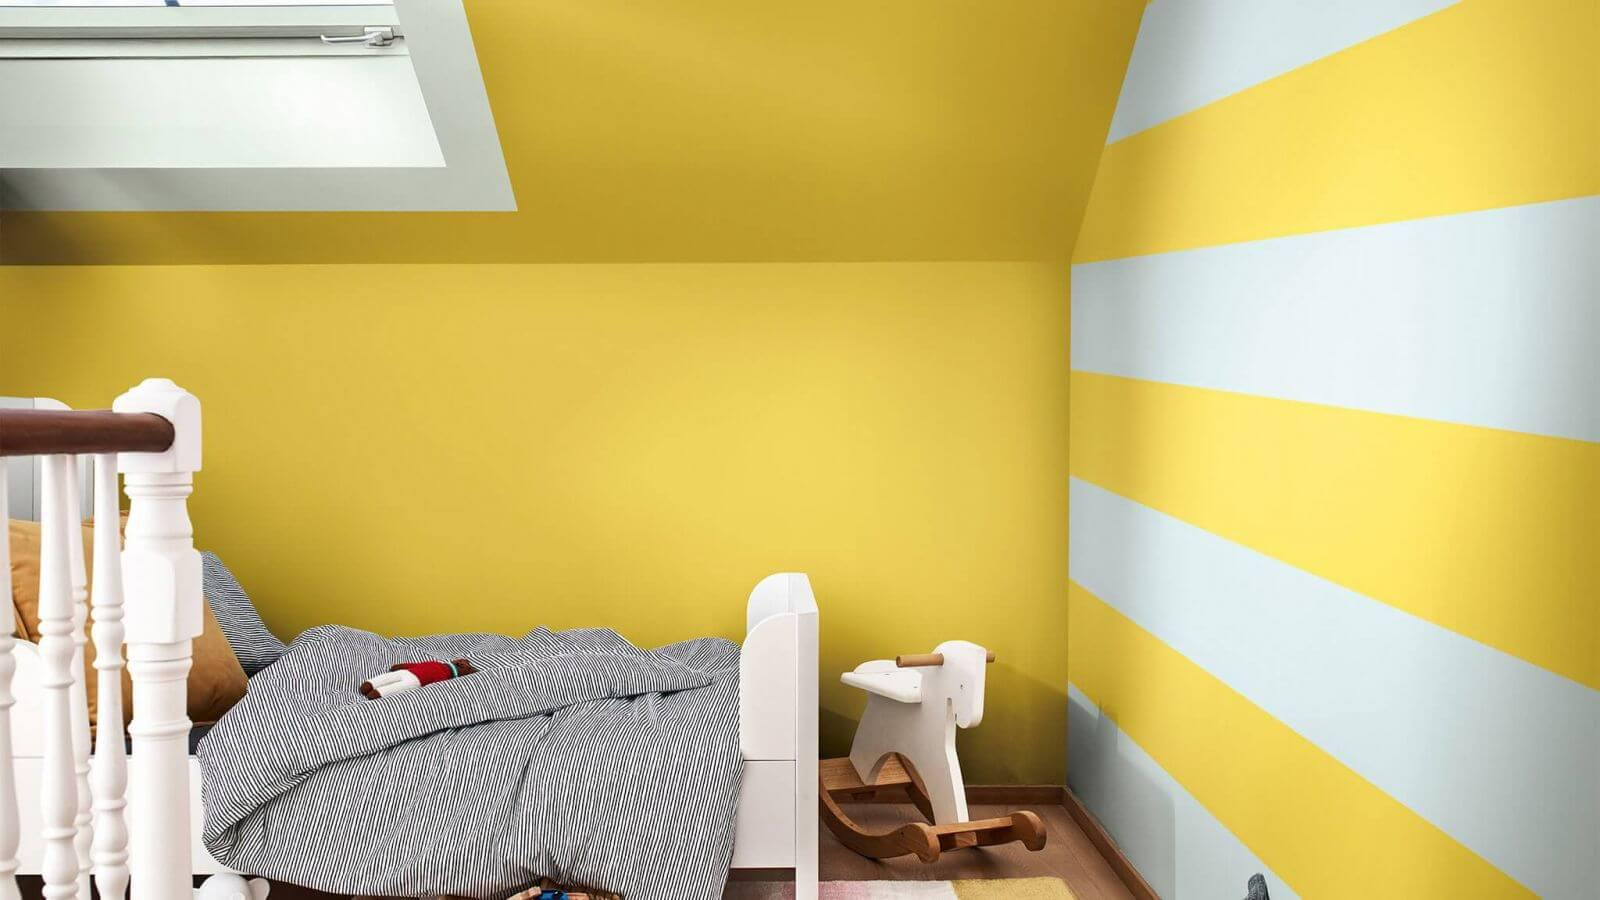 thi công sơn tường kẻ sọc